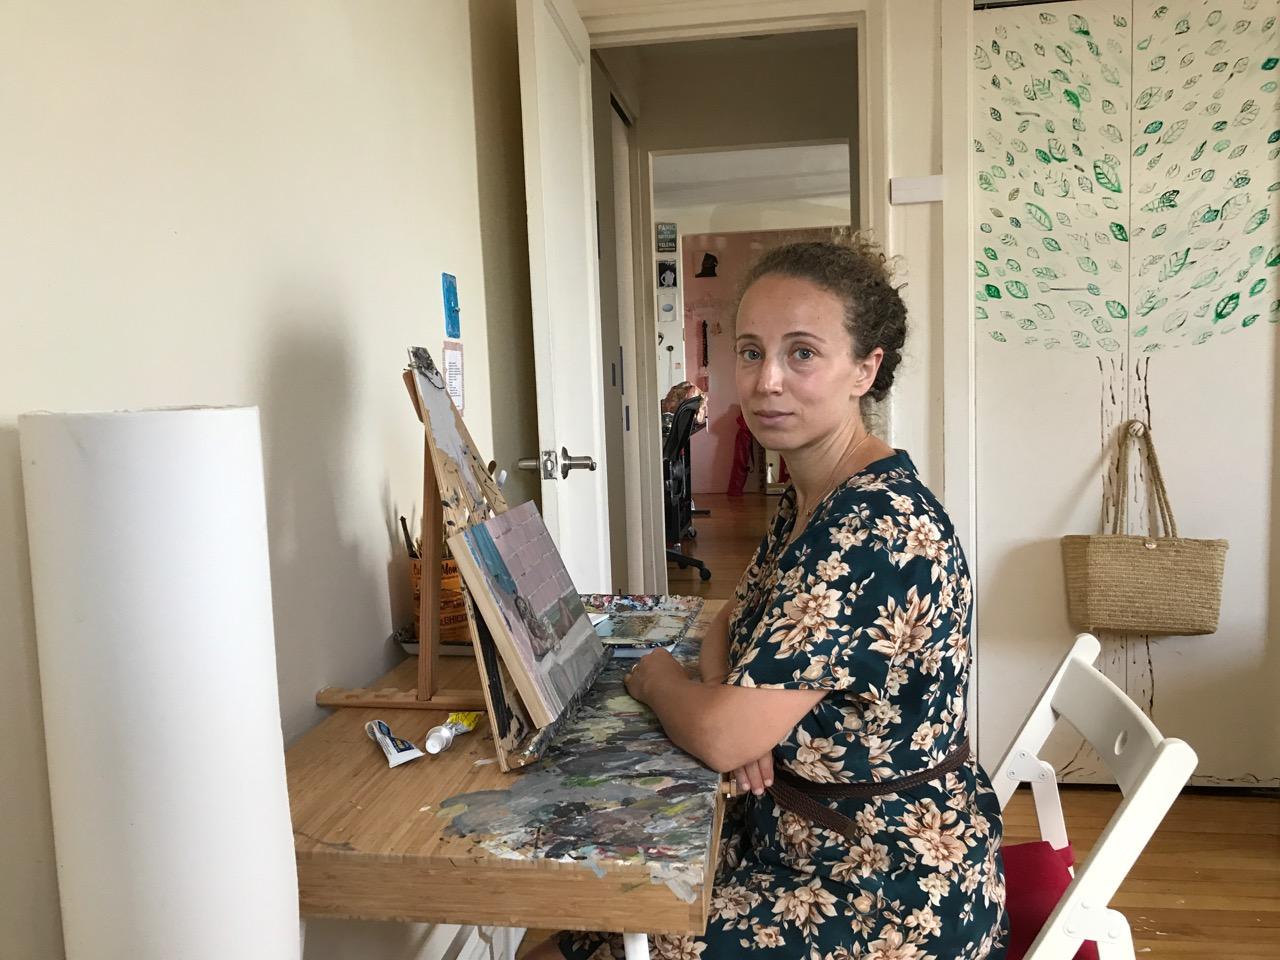 Polina in her studio